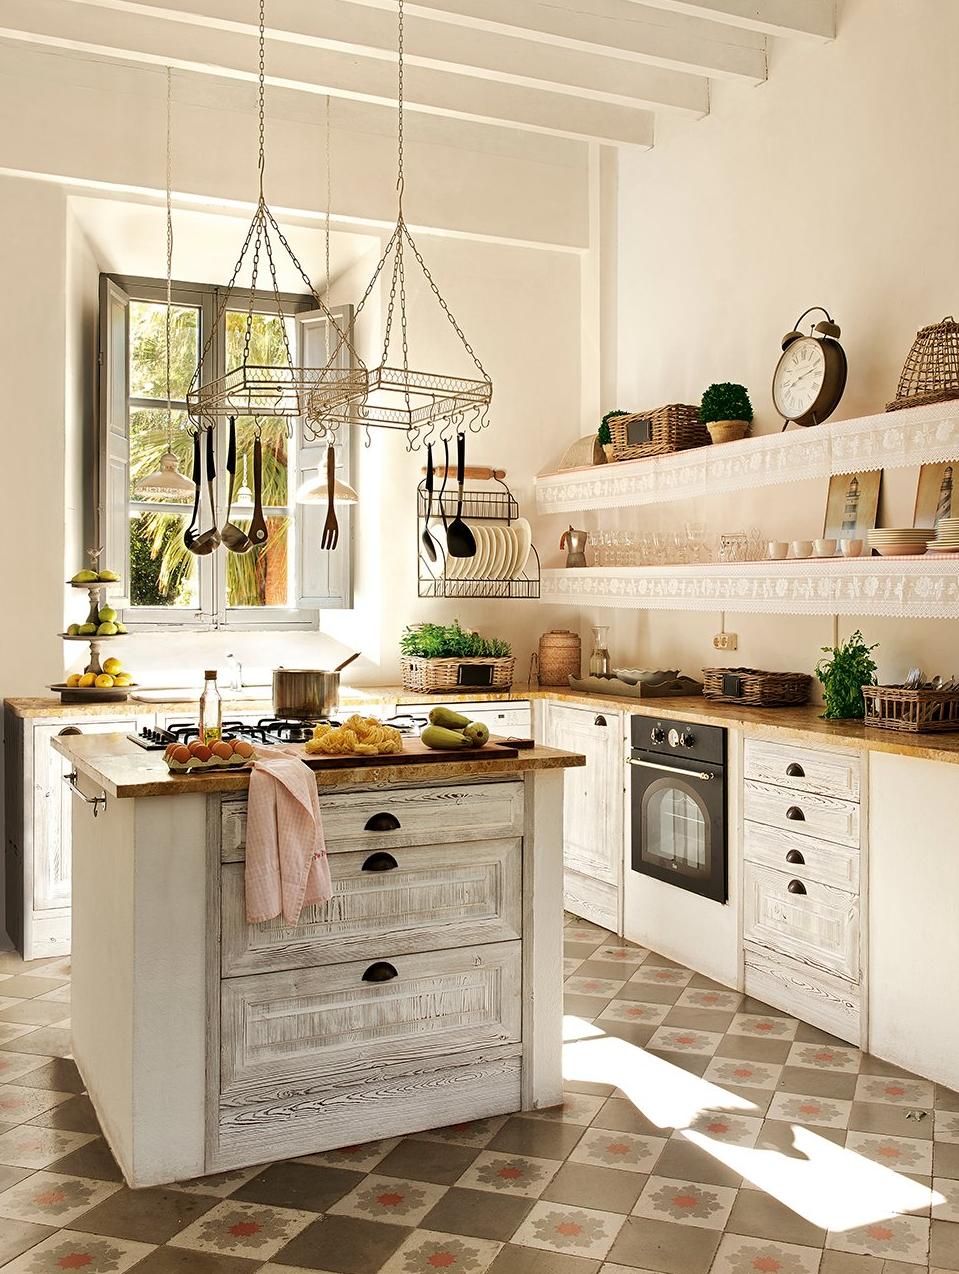 cocina1 - De antigua estación de tren a romántica casa llena de claridad y encanto